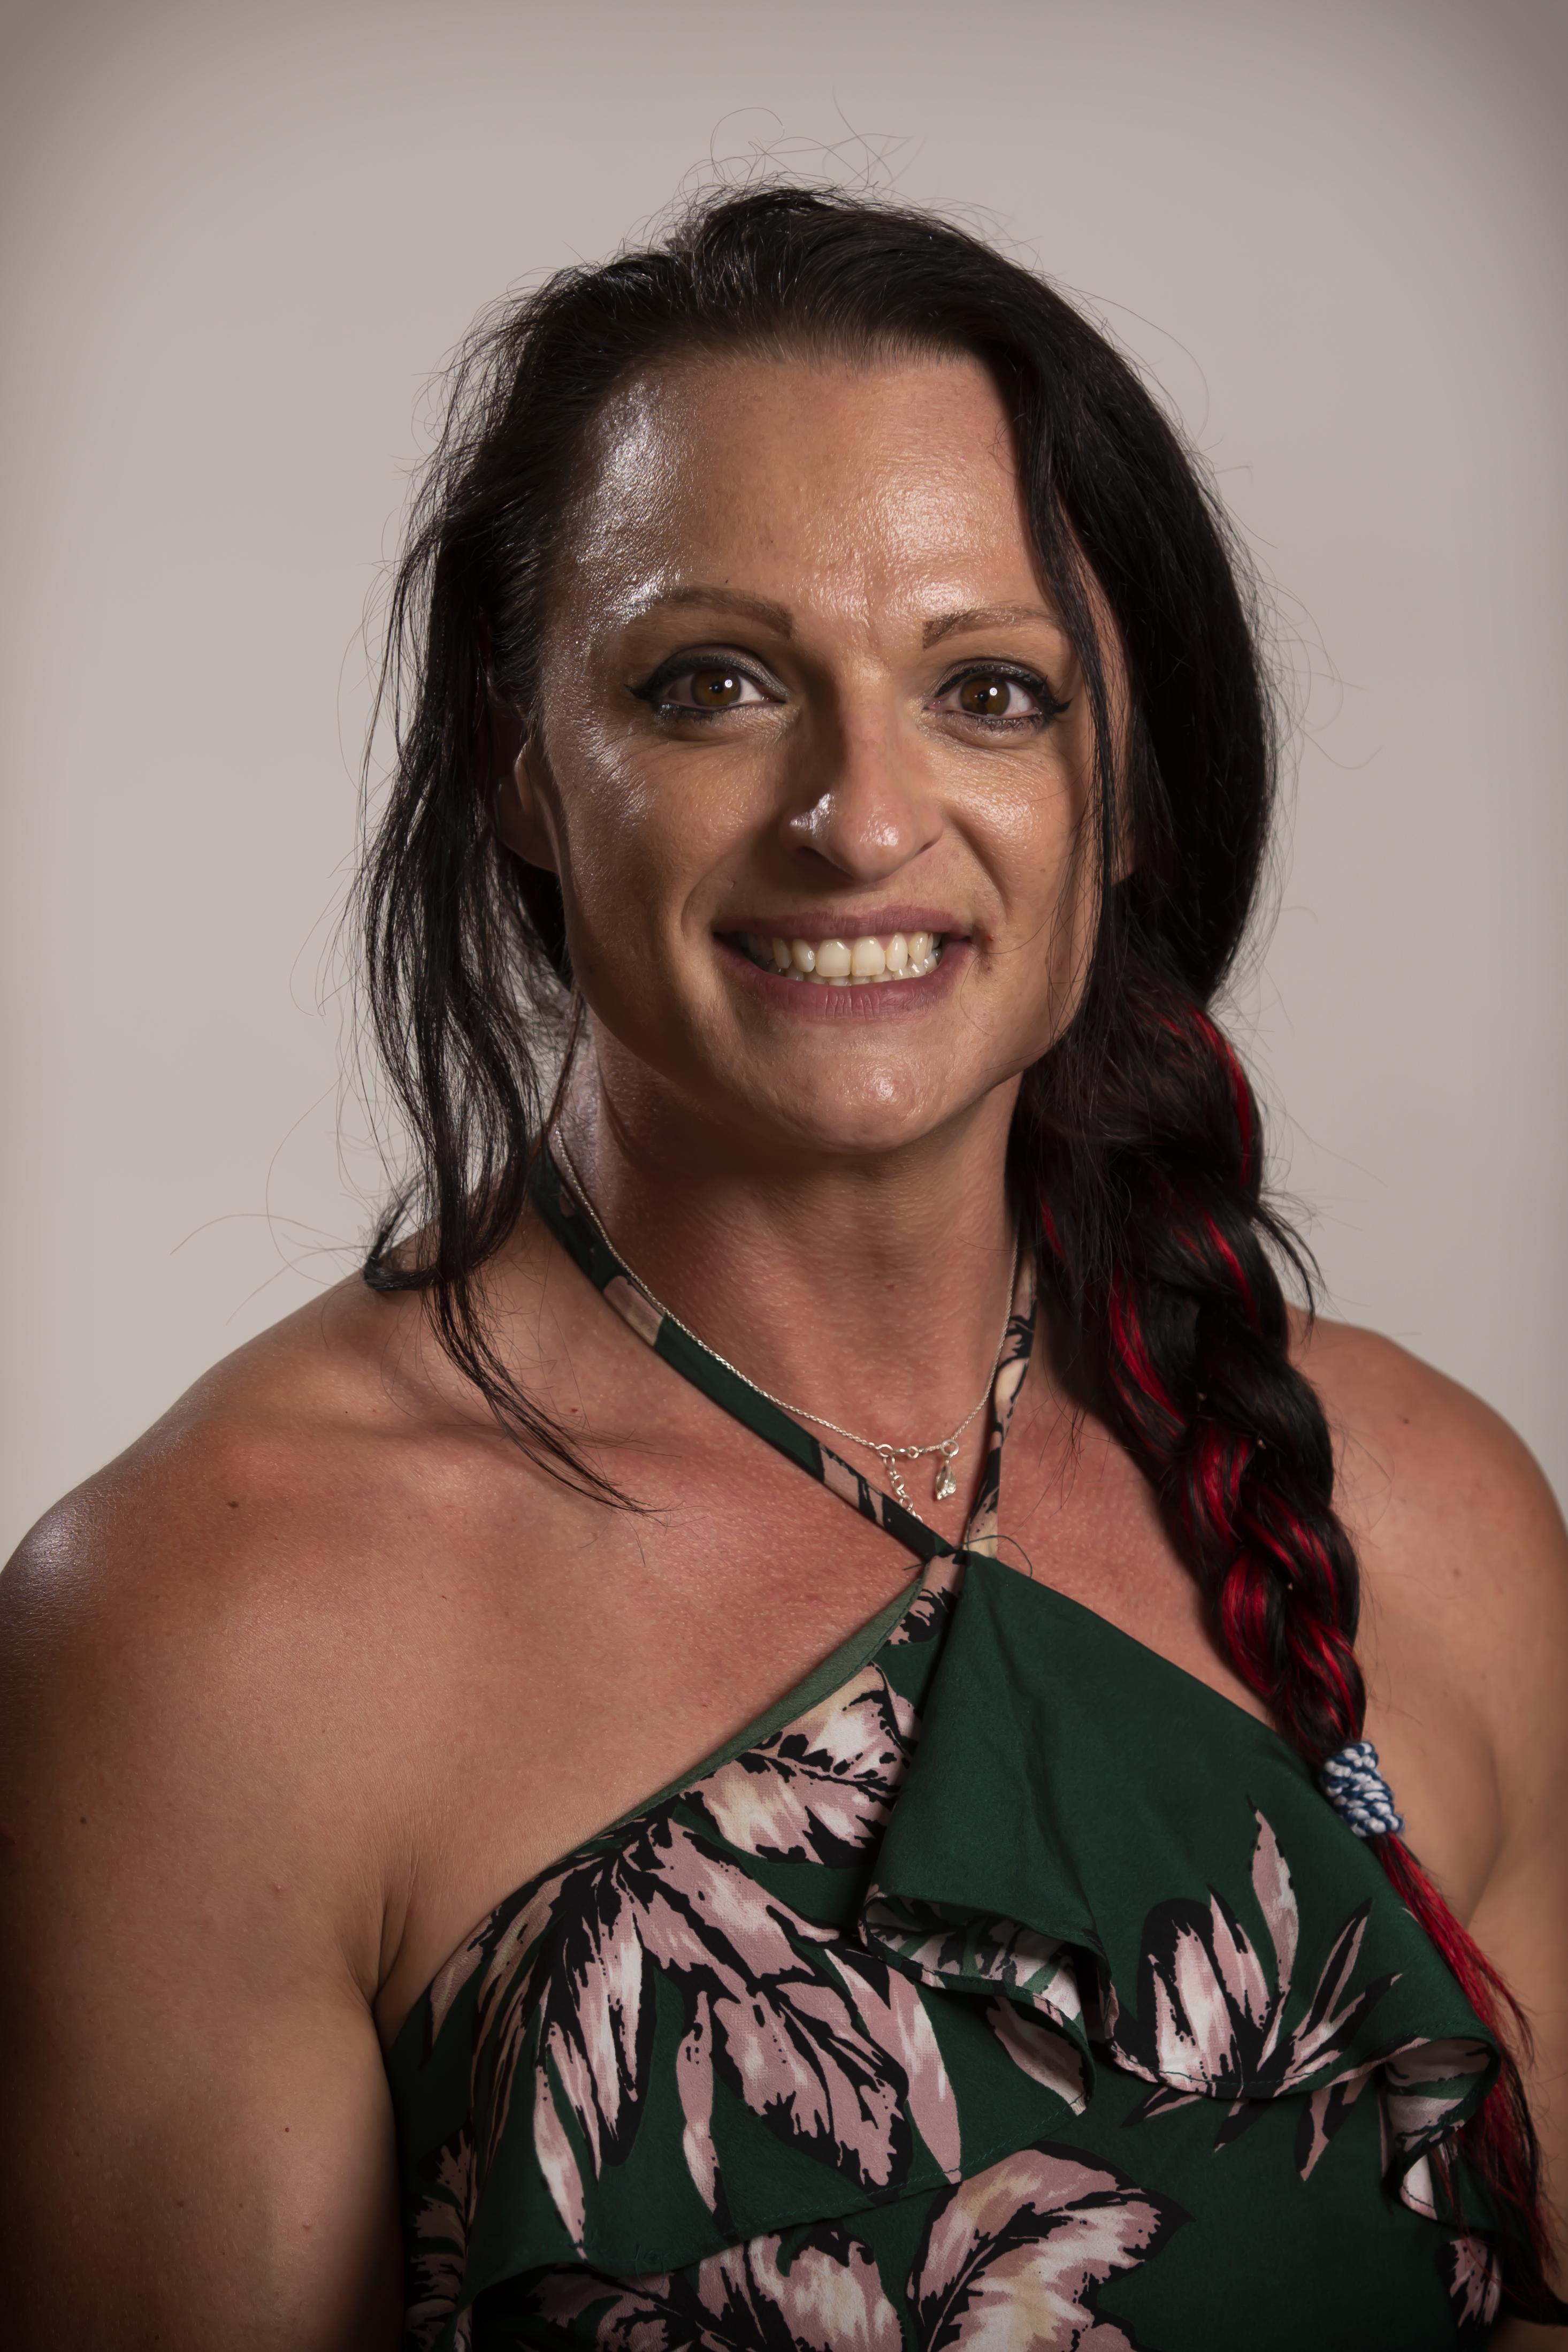 Natalie Rouse